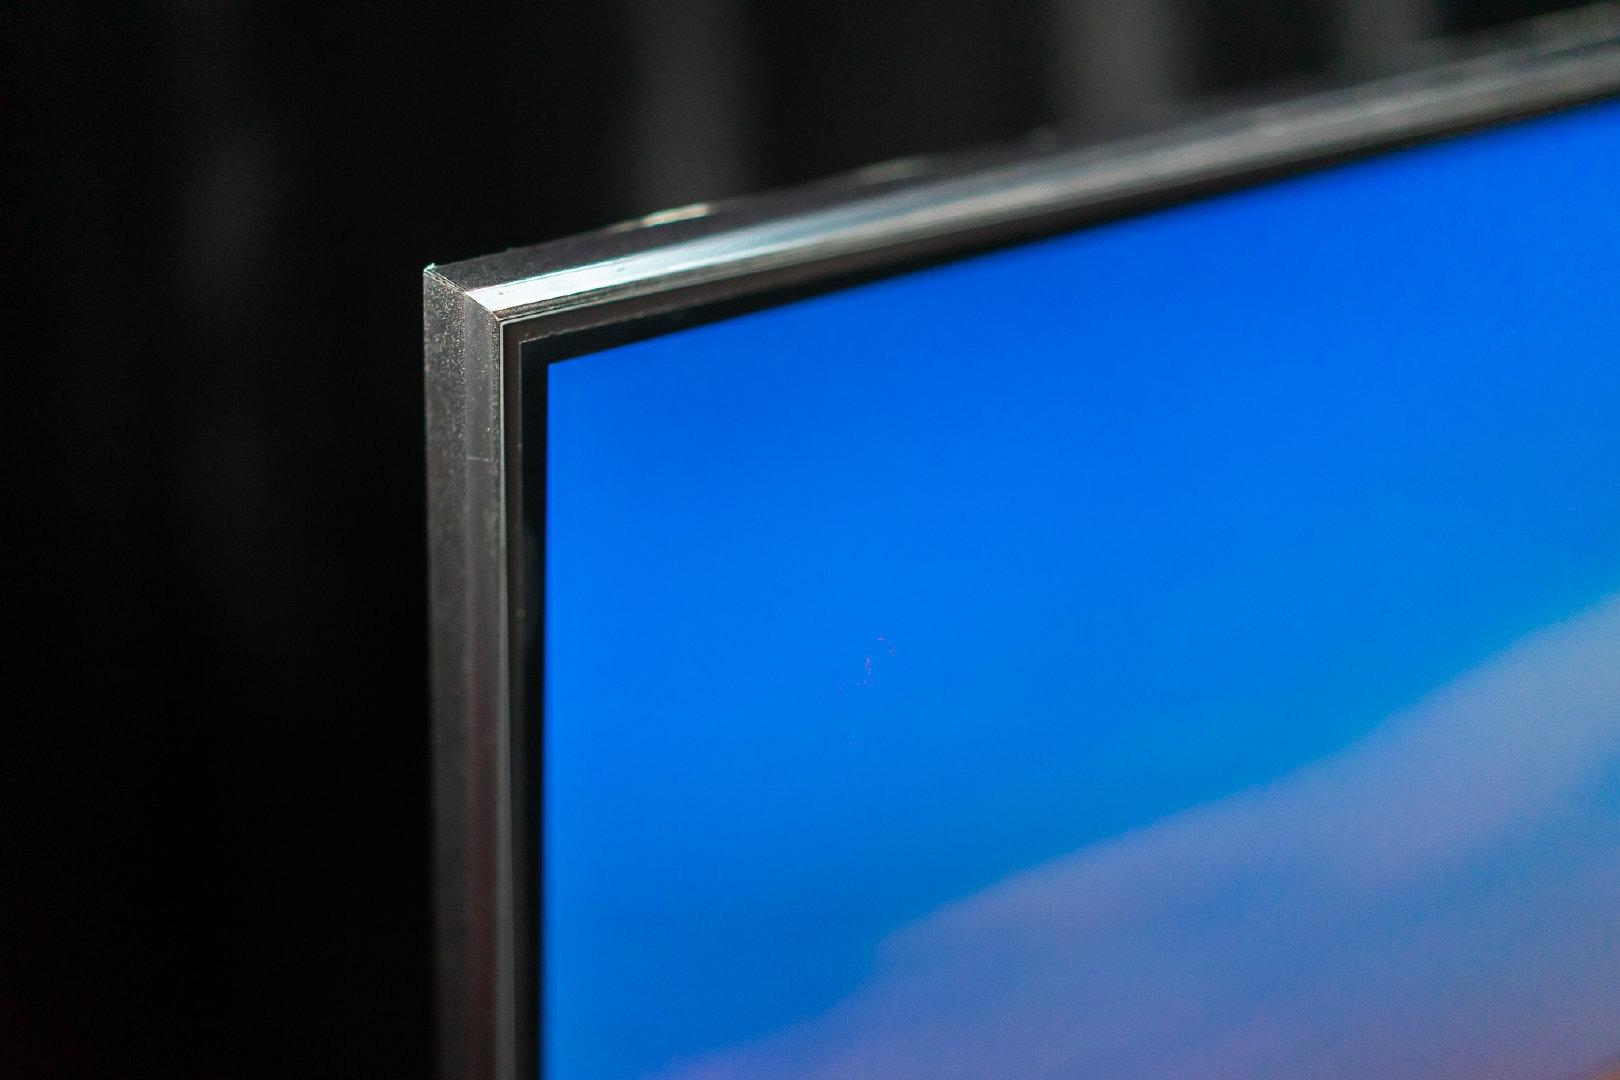 Xiaomi ra mắt Redmi MAX TV 86 inch: 4K, tần số quét 120Hz, HDMI v2.1, giá 28.5 triệu đồng - Ảnh 3.